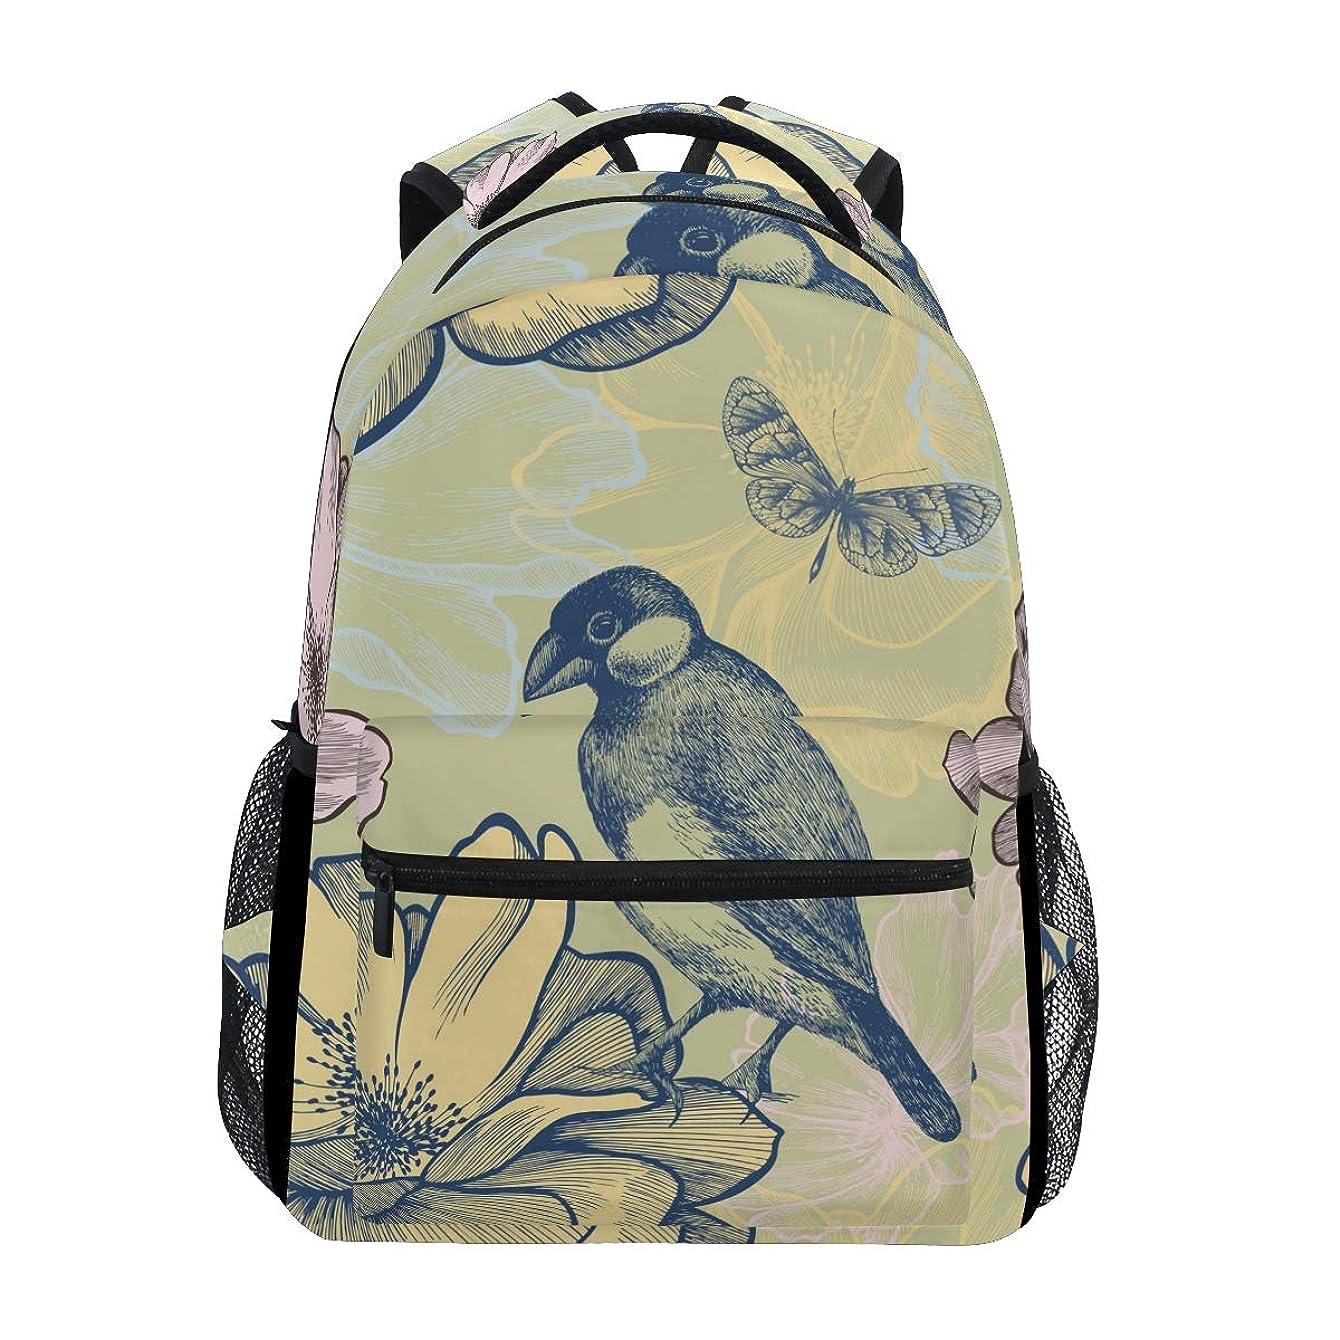 圧縮近所のスナックGORIRA(ゴリラ)リュックサック 高校生 可愛い 大容量 キッズ 通学 花柄 鳥柄 和柄 絵画 リュック レディース おしゃれ 大人 防水 キャンバス 男女兼用 旅行バッグパック